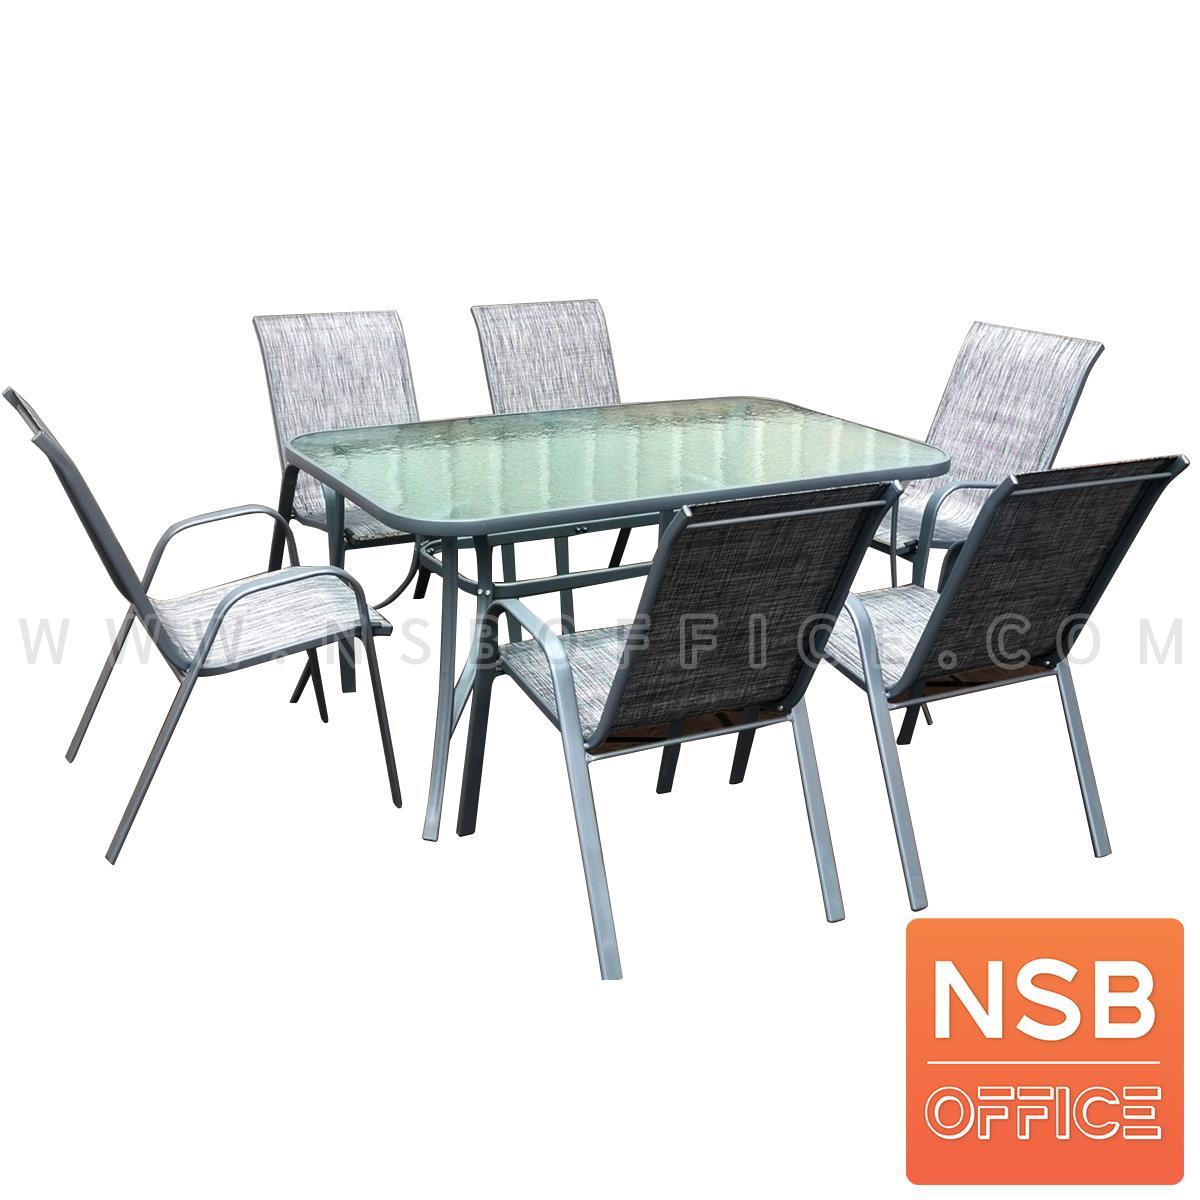 G08A312:ชุดโต๊ะและเก้าอี้รับประทานอาหาร รุ่น Dawny (ดอนนี่)  6 ที่นั่ง พร้อมเก้าอี้